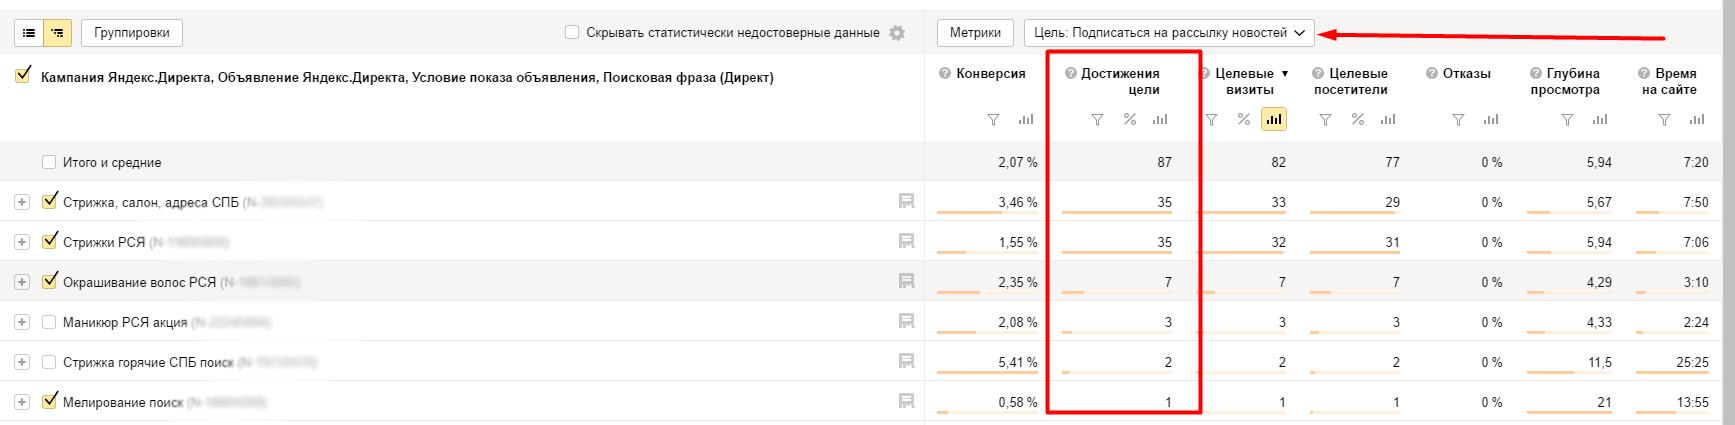 Отчёт Яндекс Директа с целью